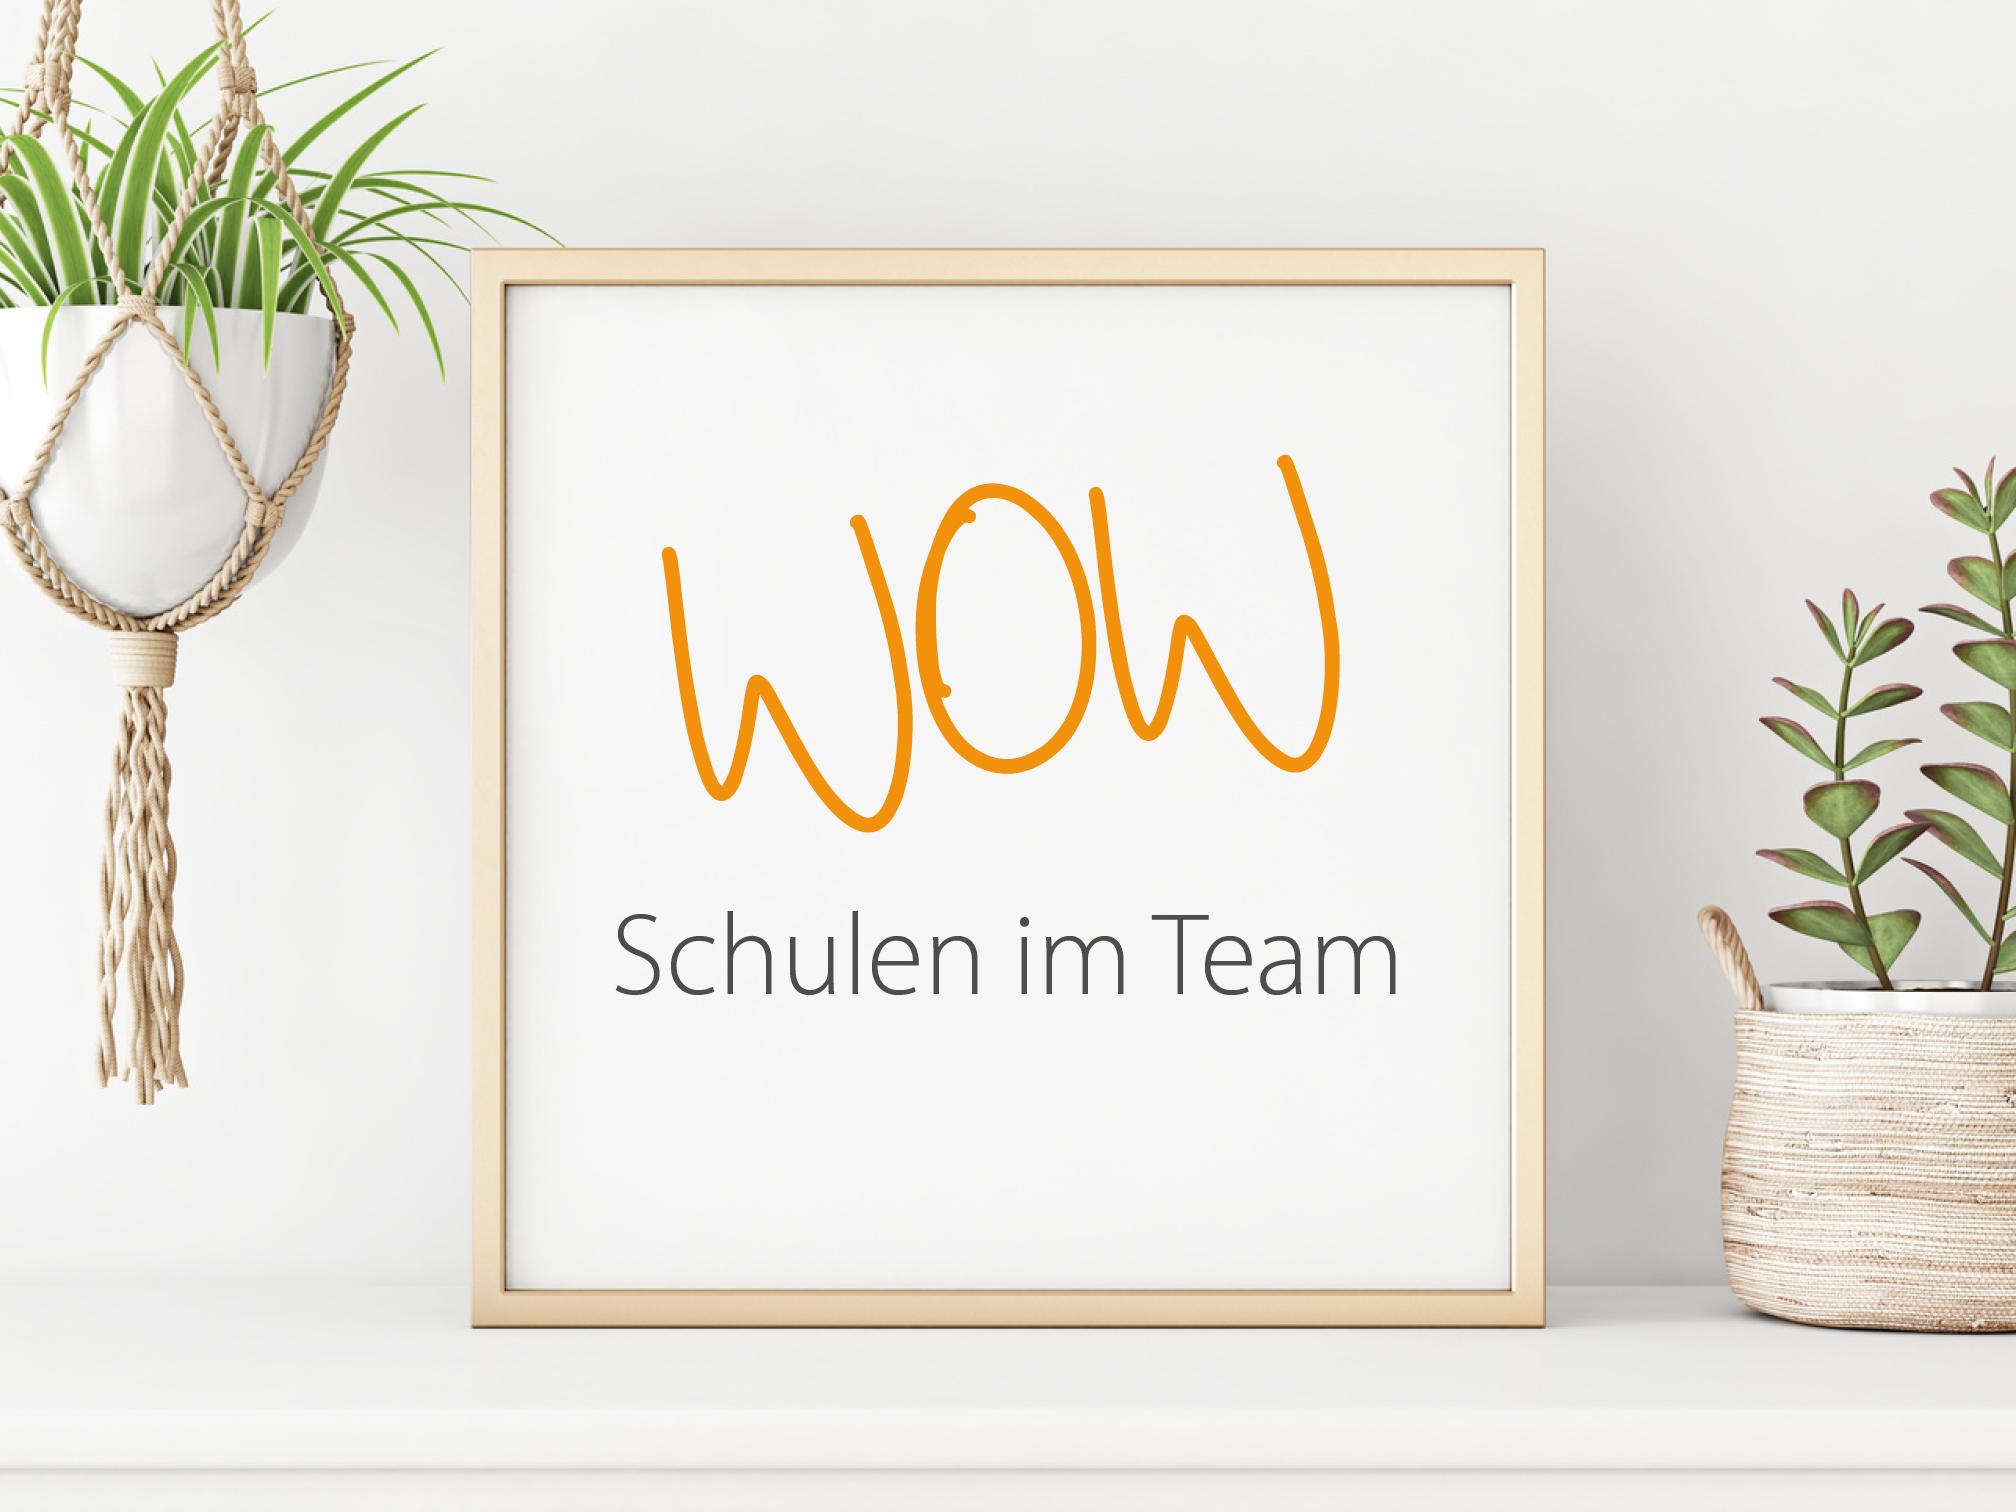 WOW – Schulen im Team